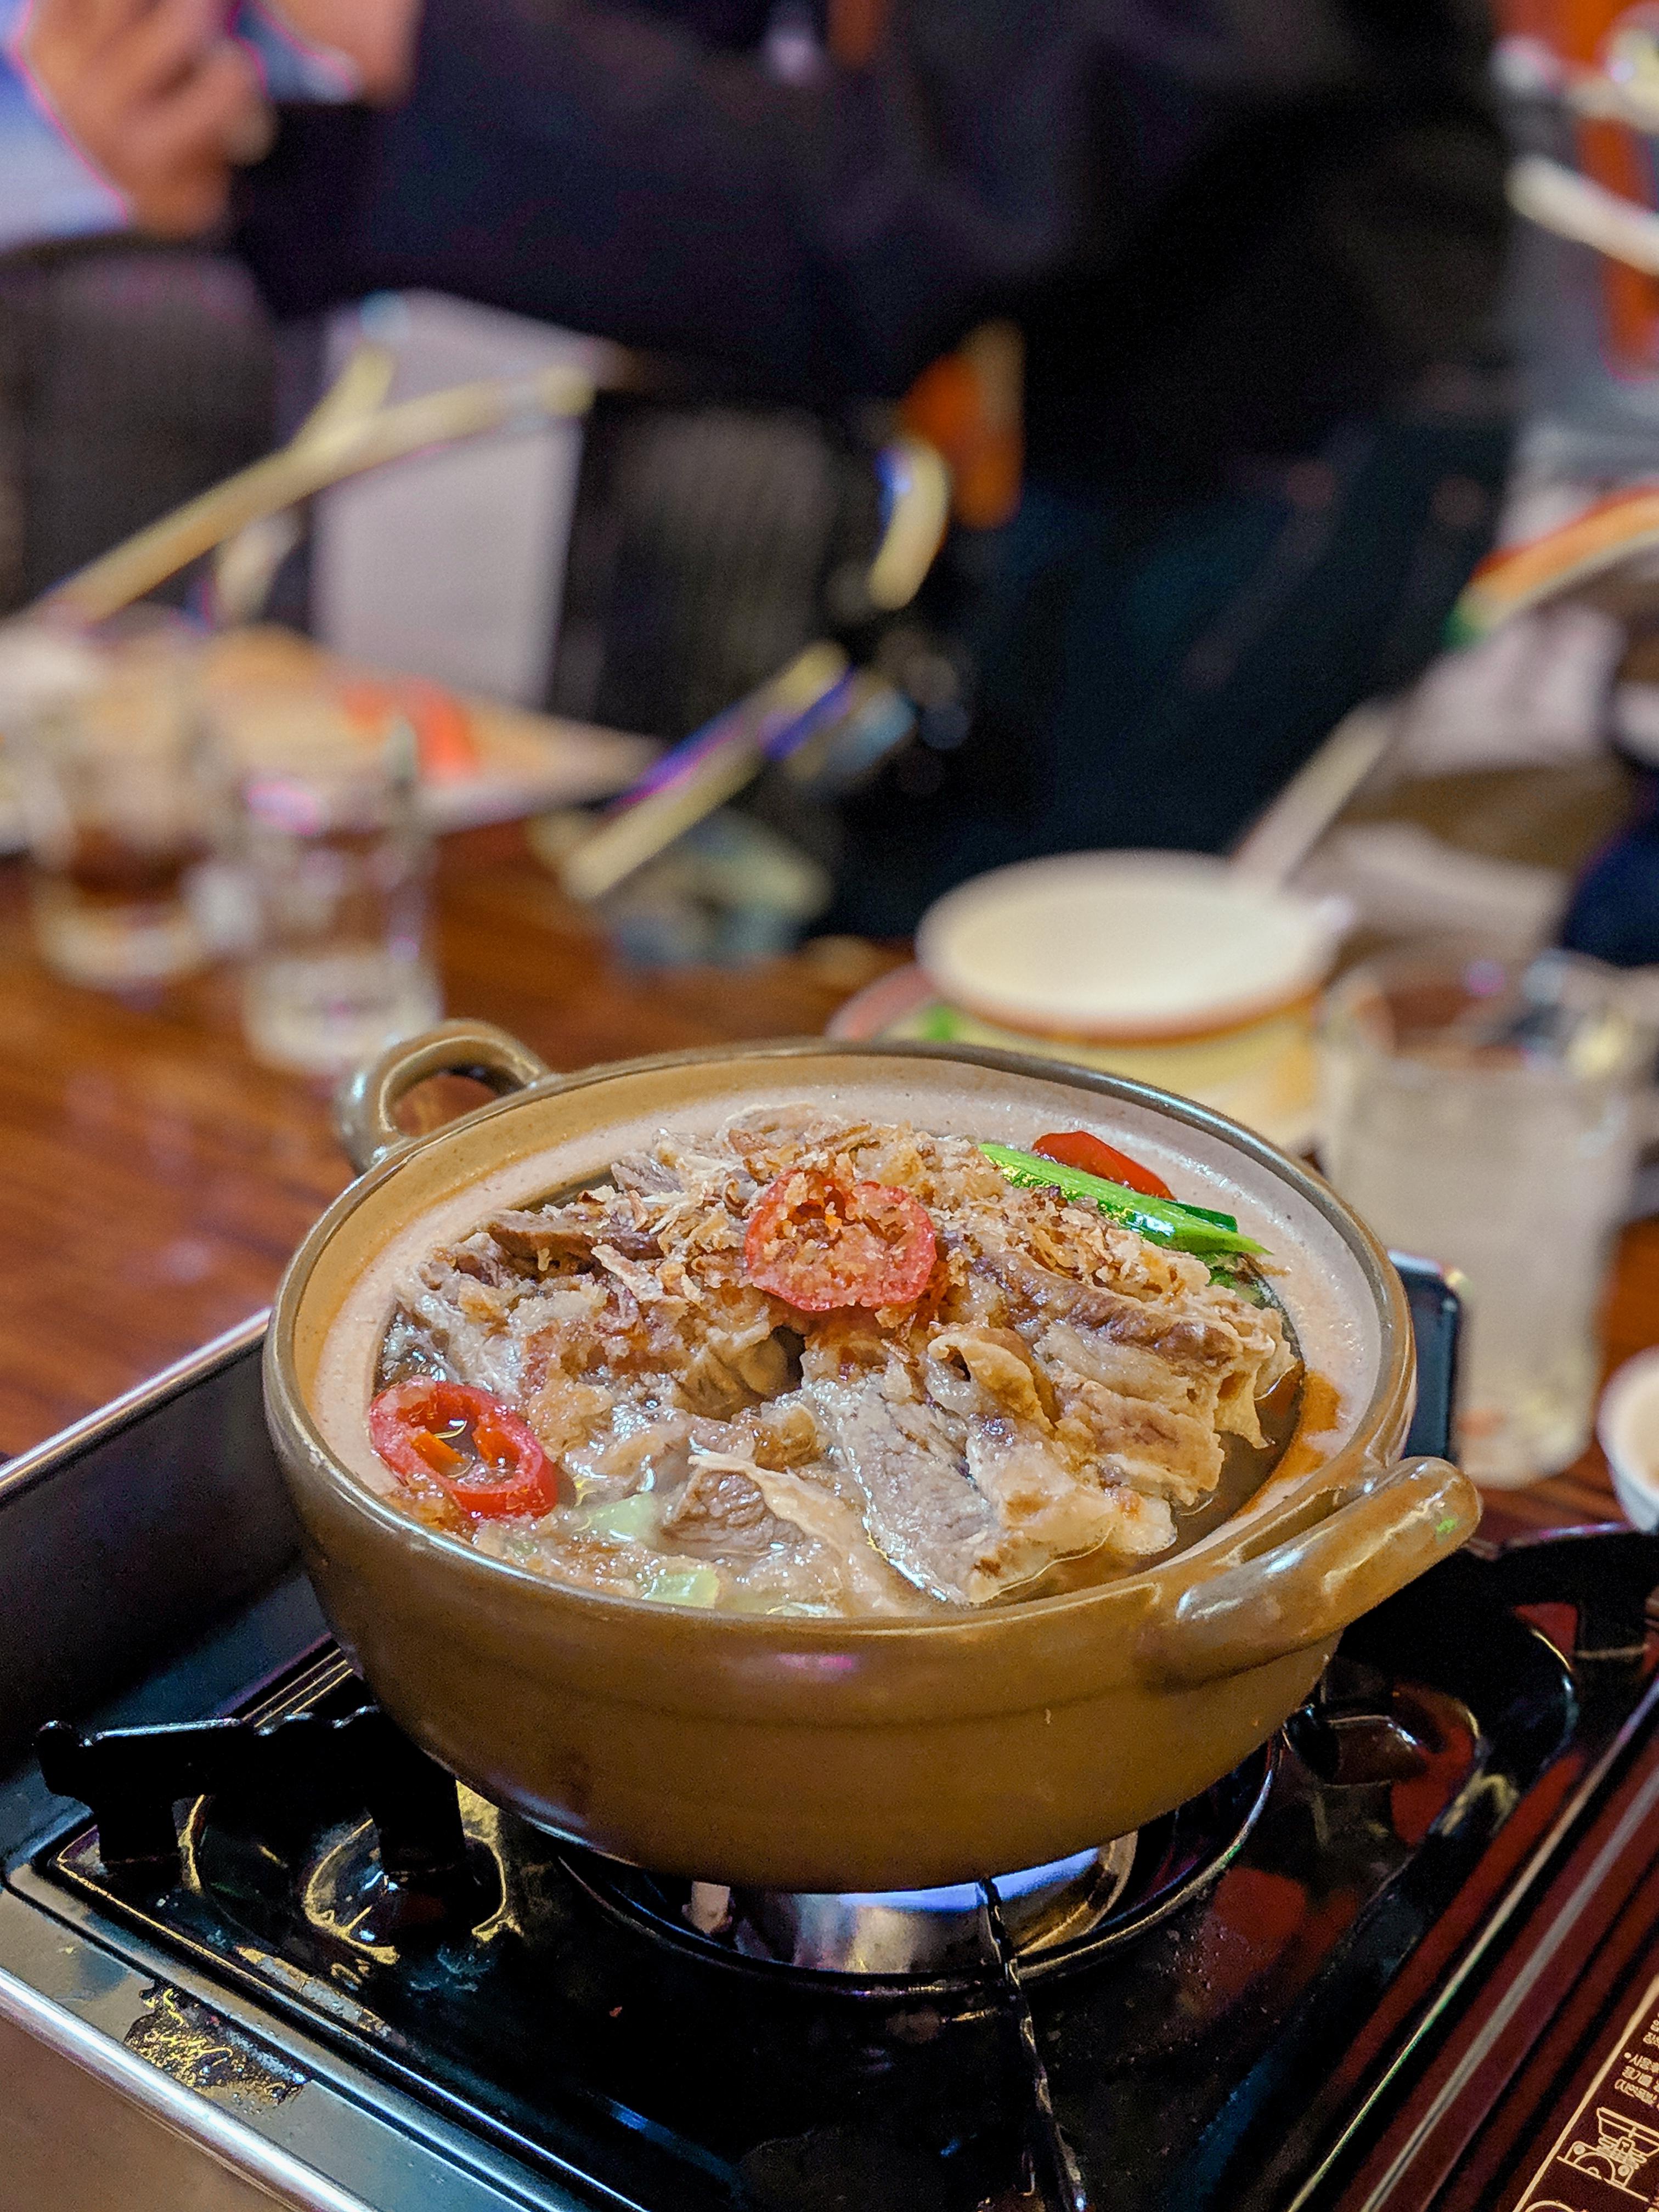 6.6Lei Ka Choi Hot Pot at Broadway Macao's Hot Pot sensation